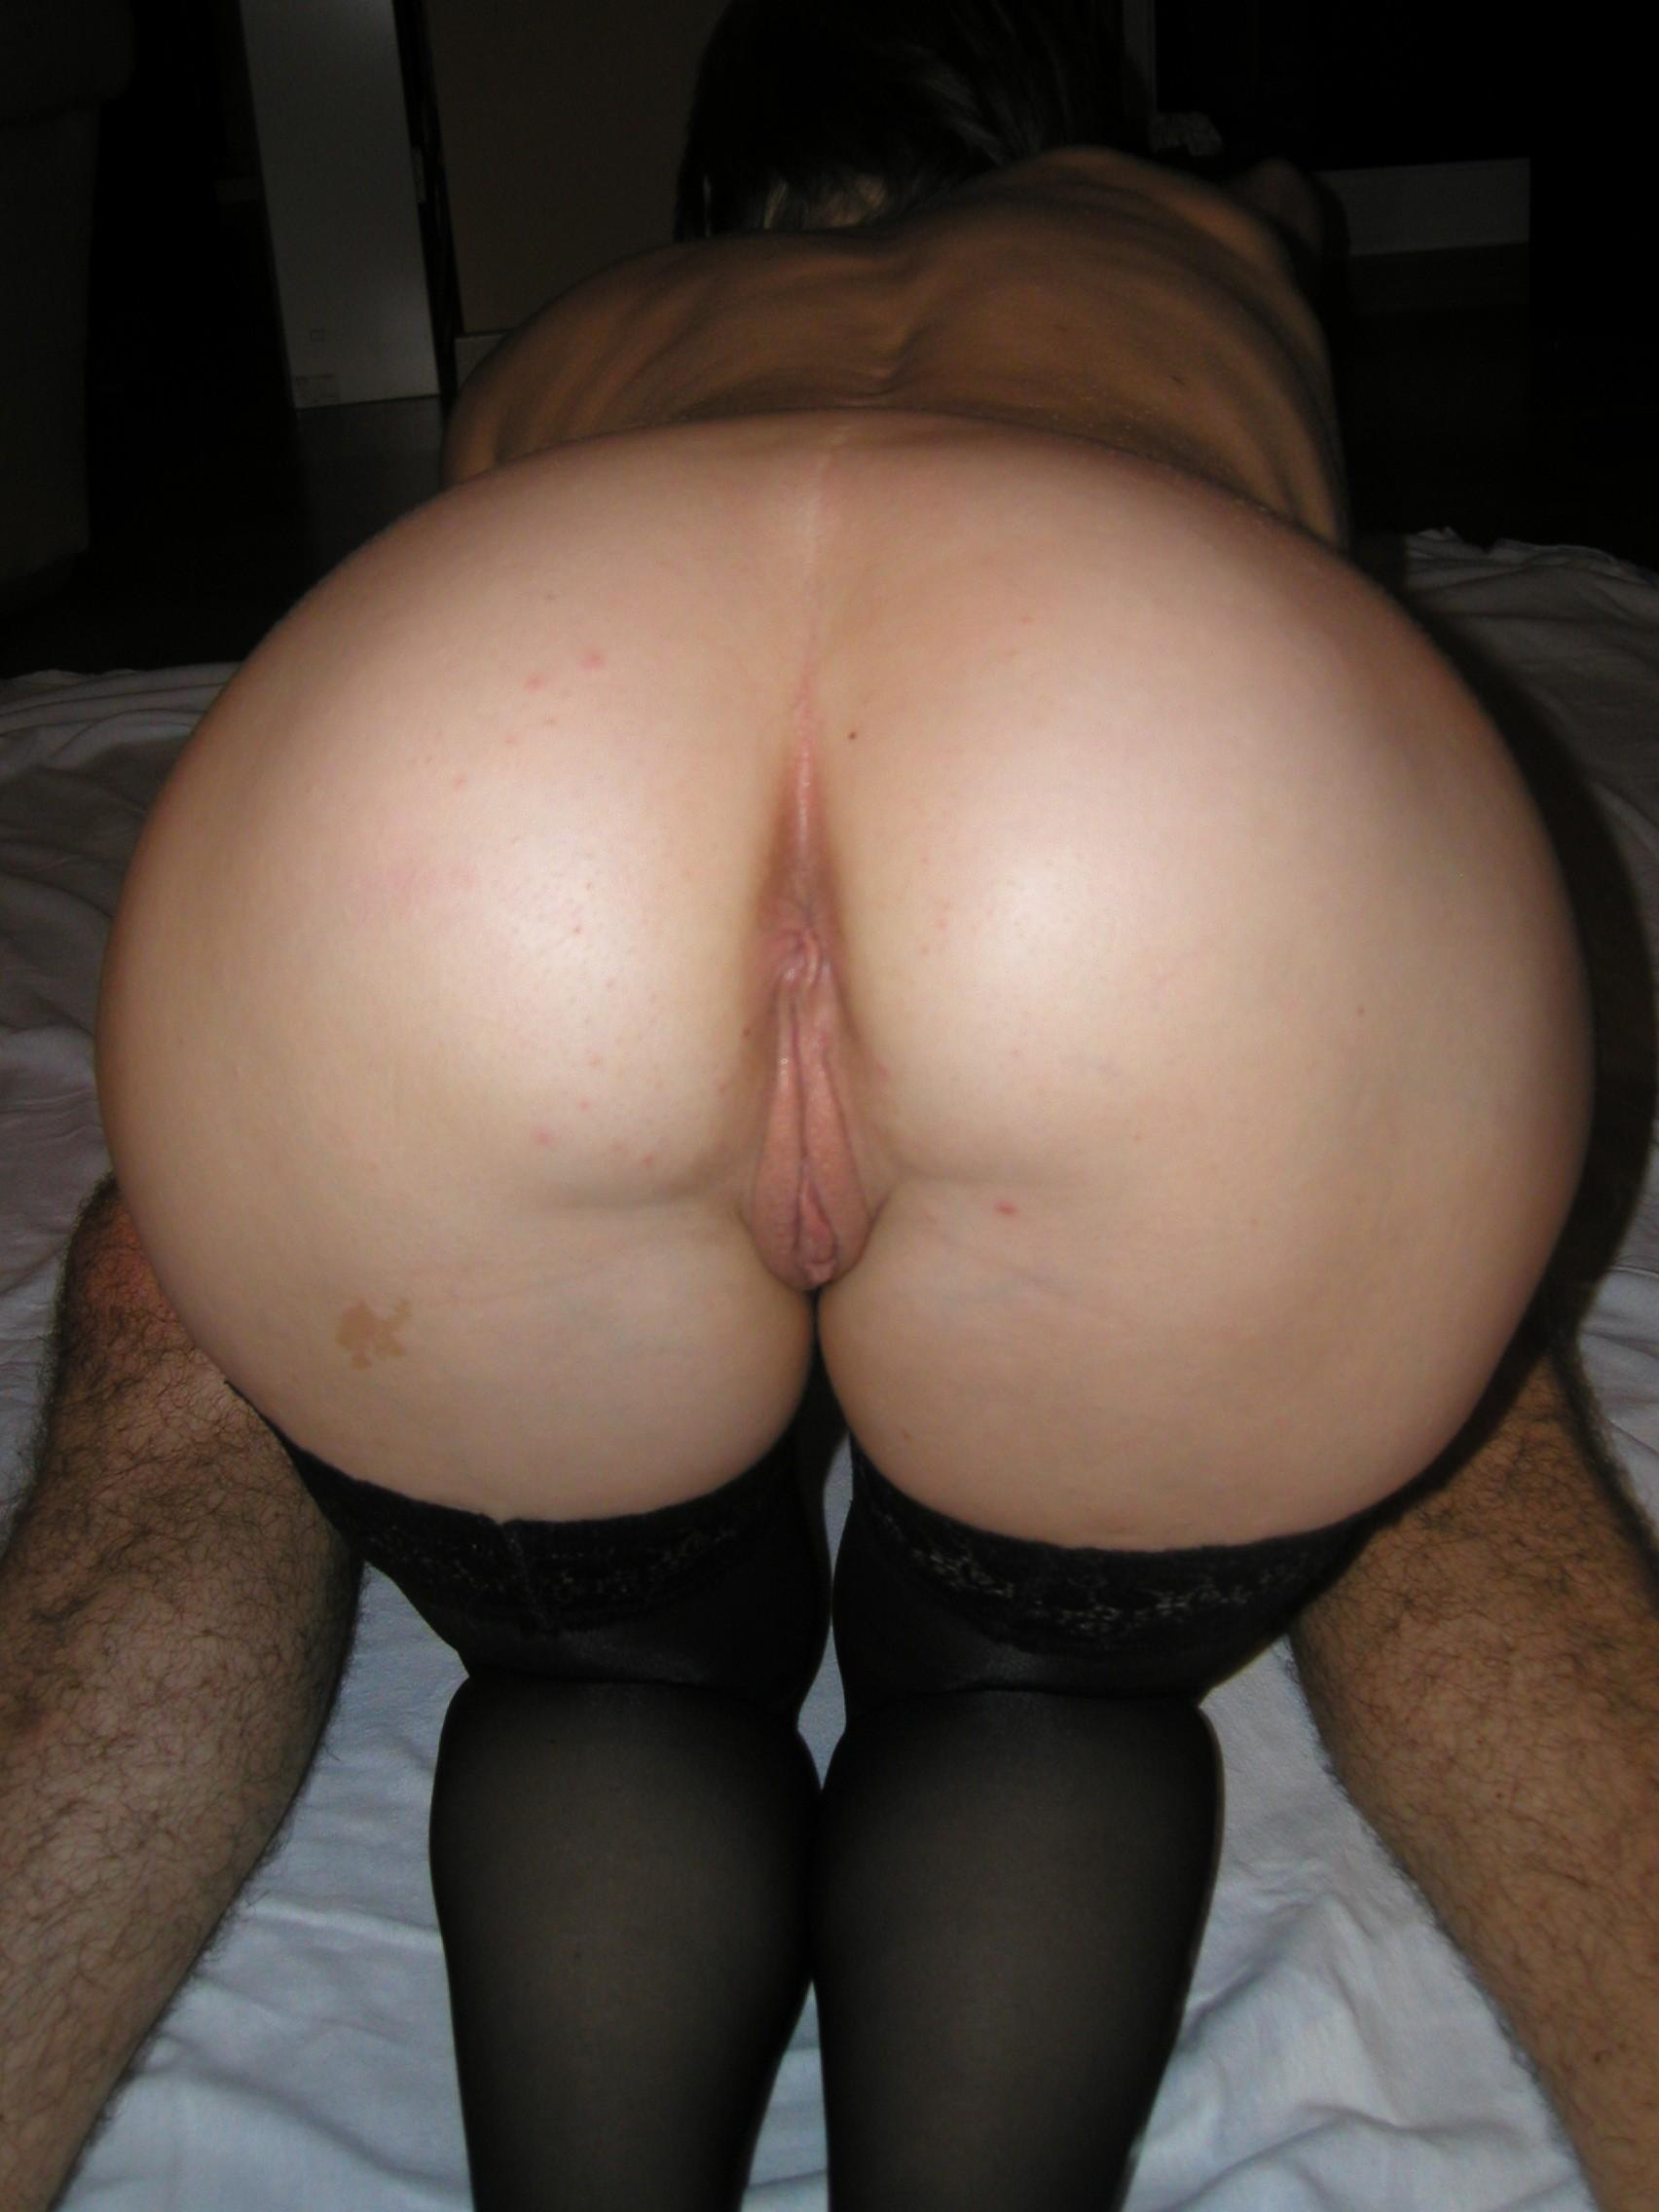 Именины попа моей жены домашнее интересное художественное порно